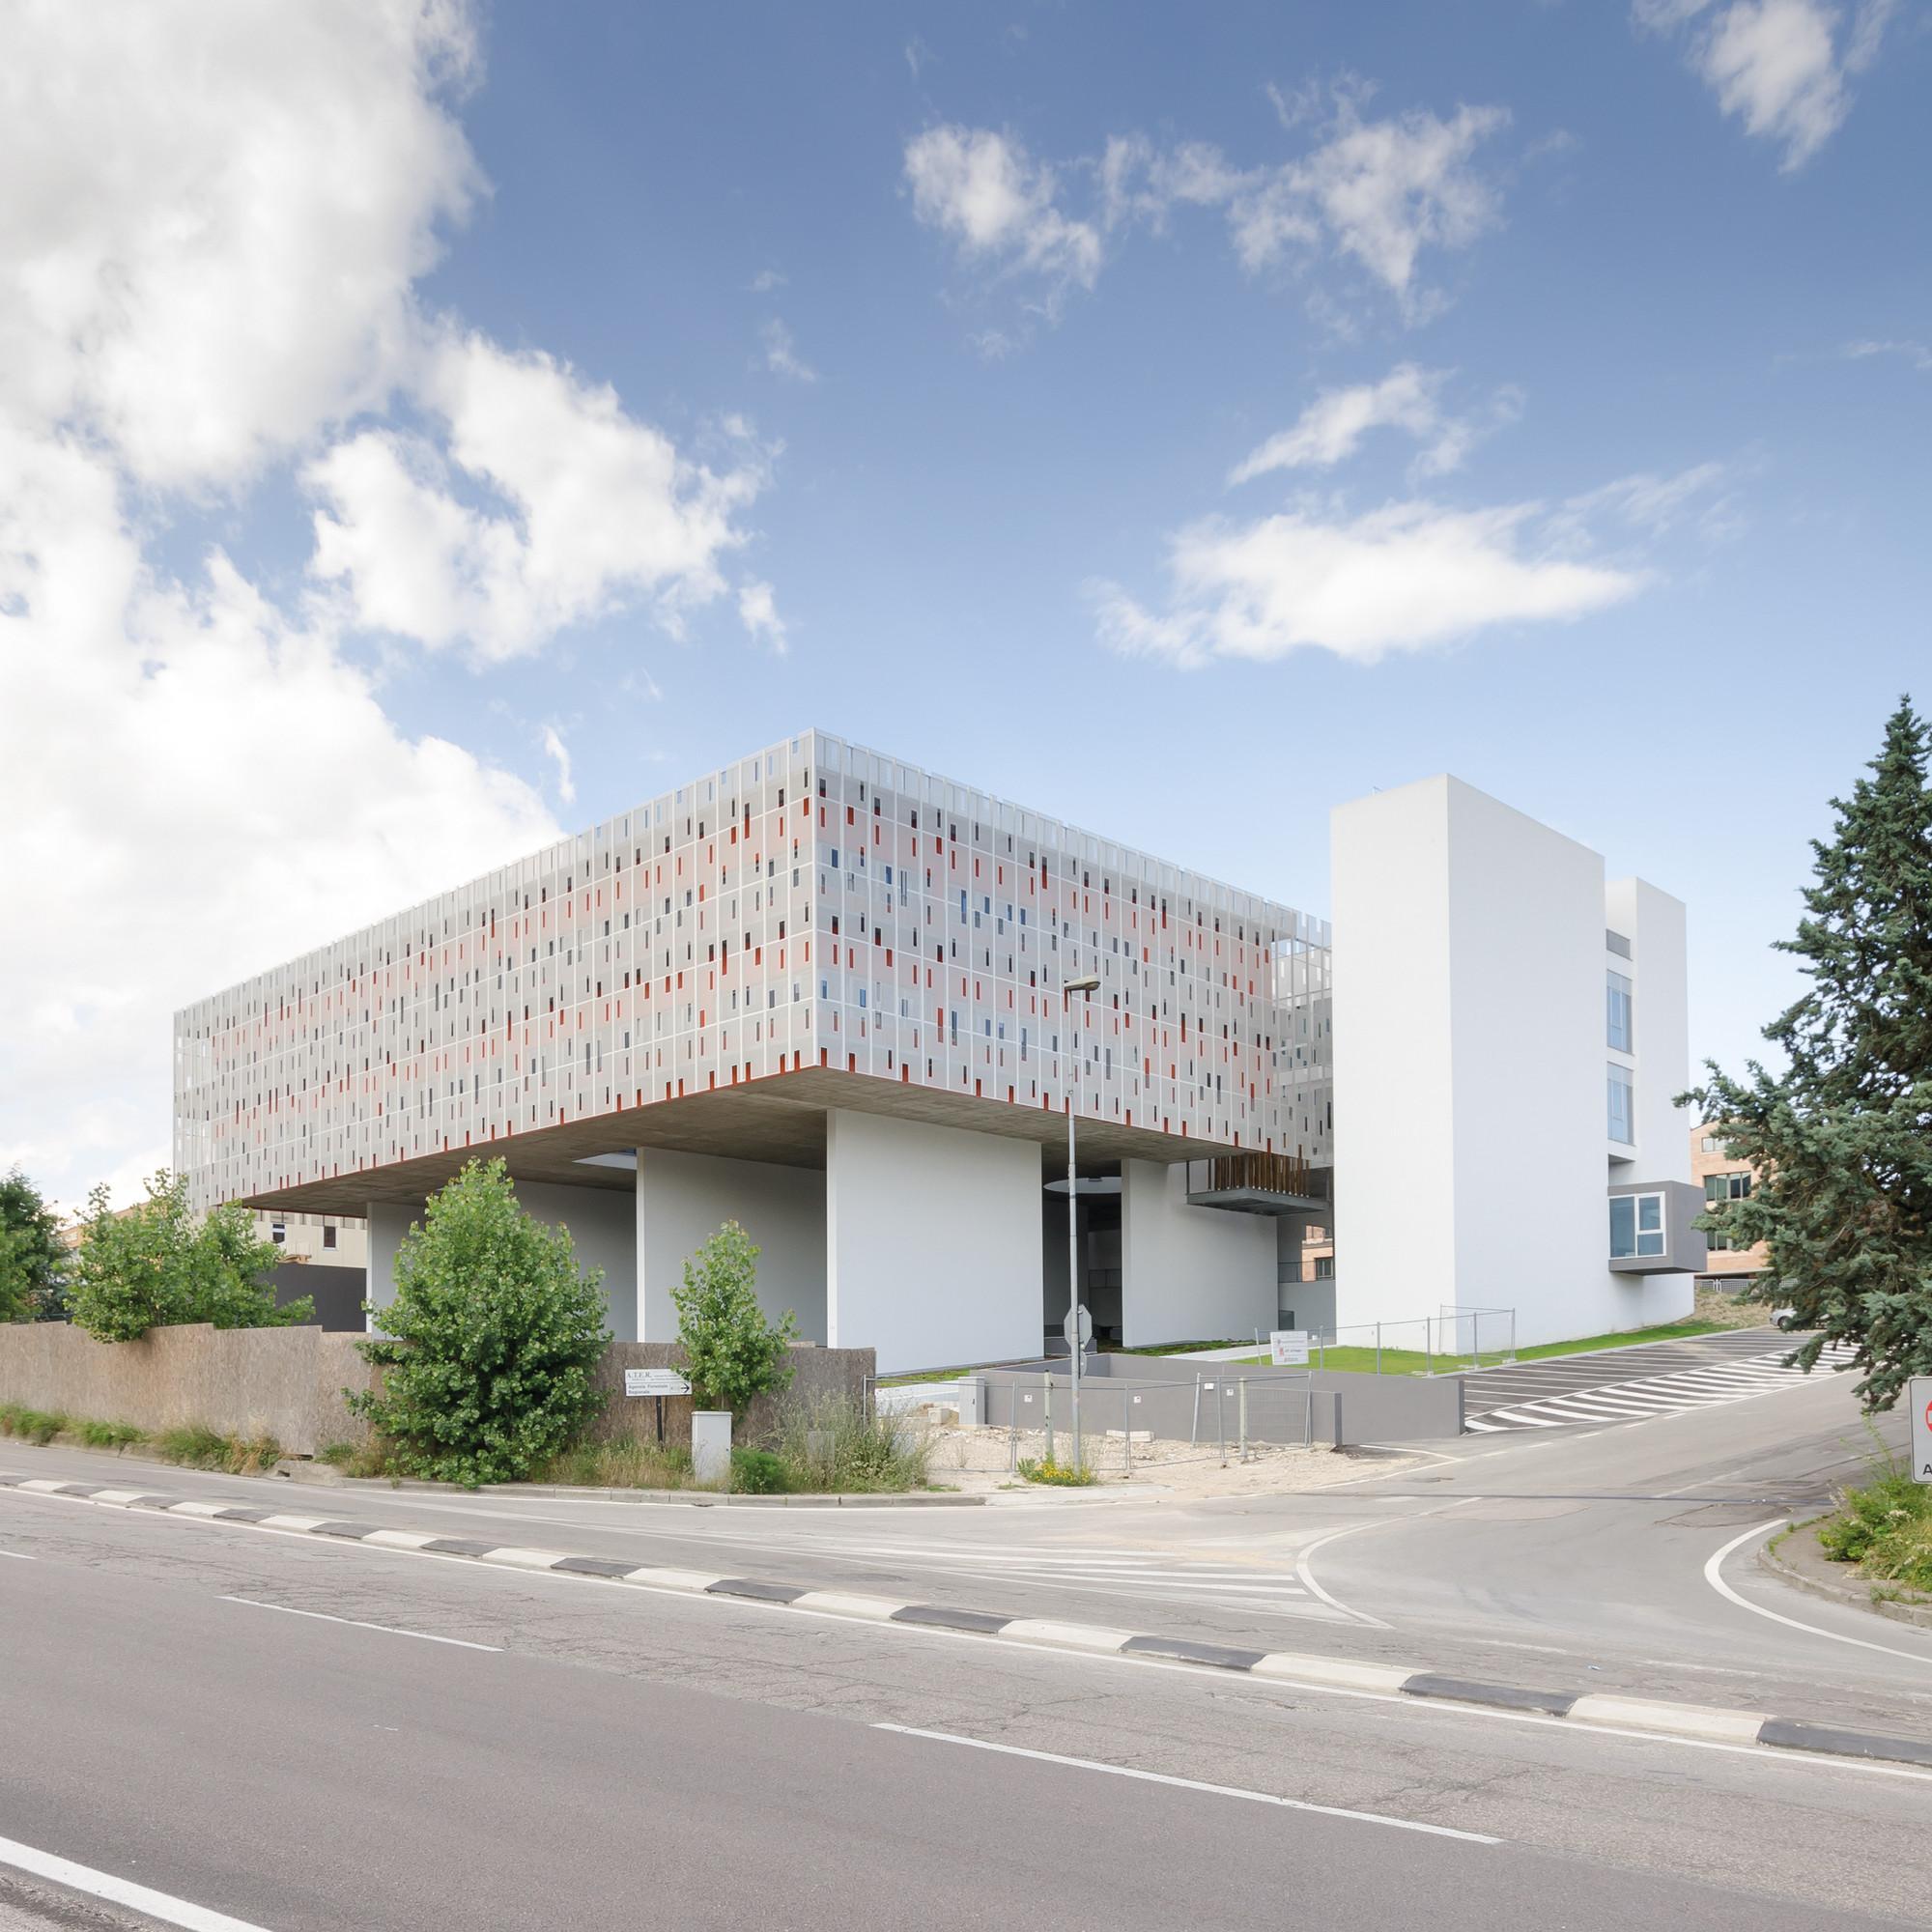 Citadel of Construction / HOFLAB+HOFPRO, © Dario Diarena